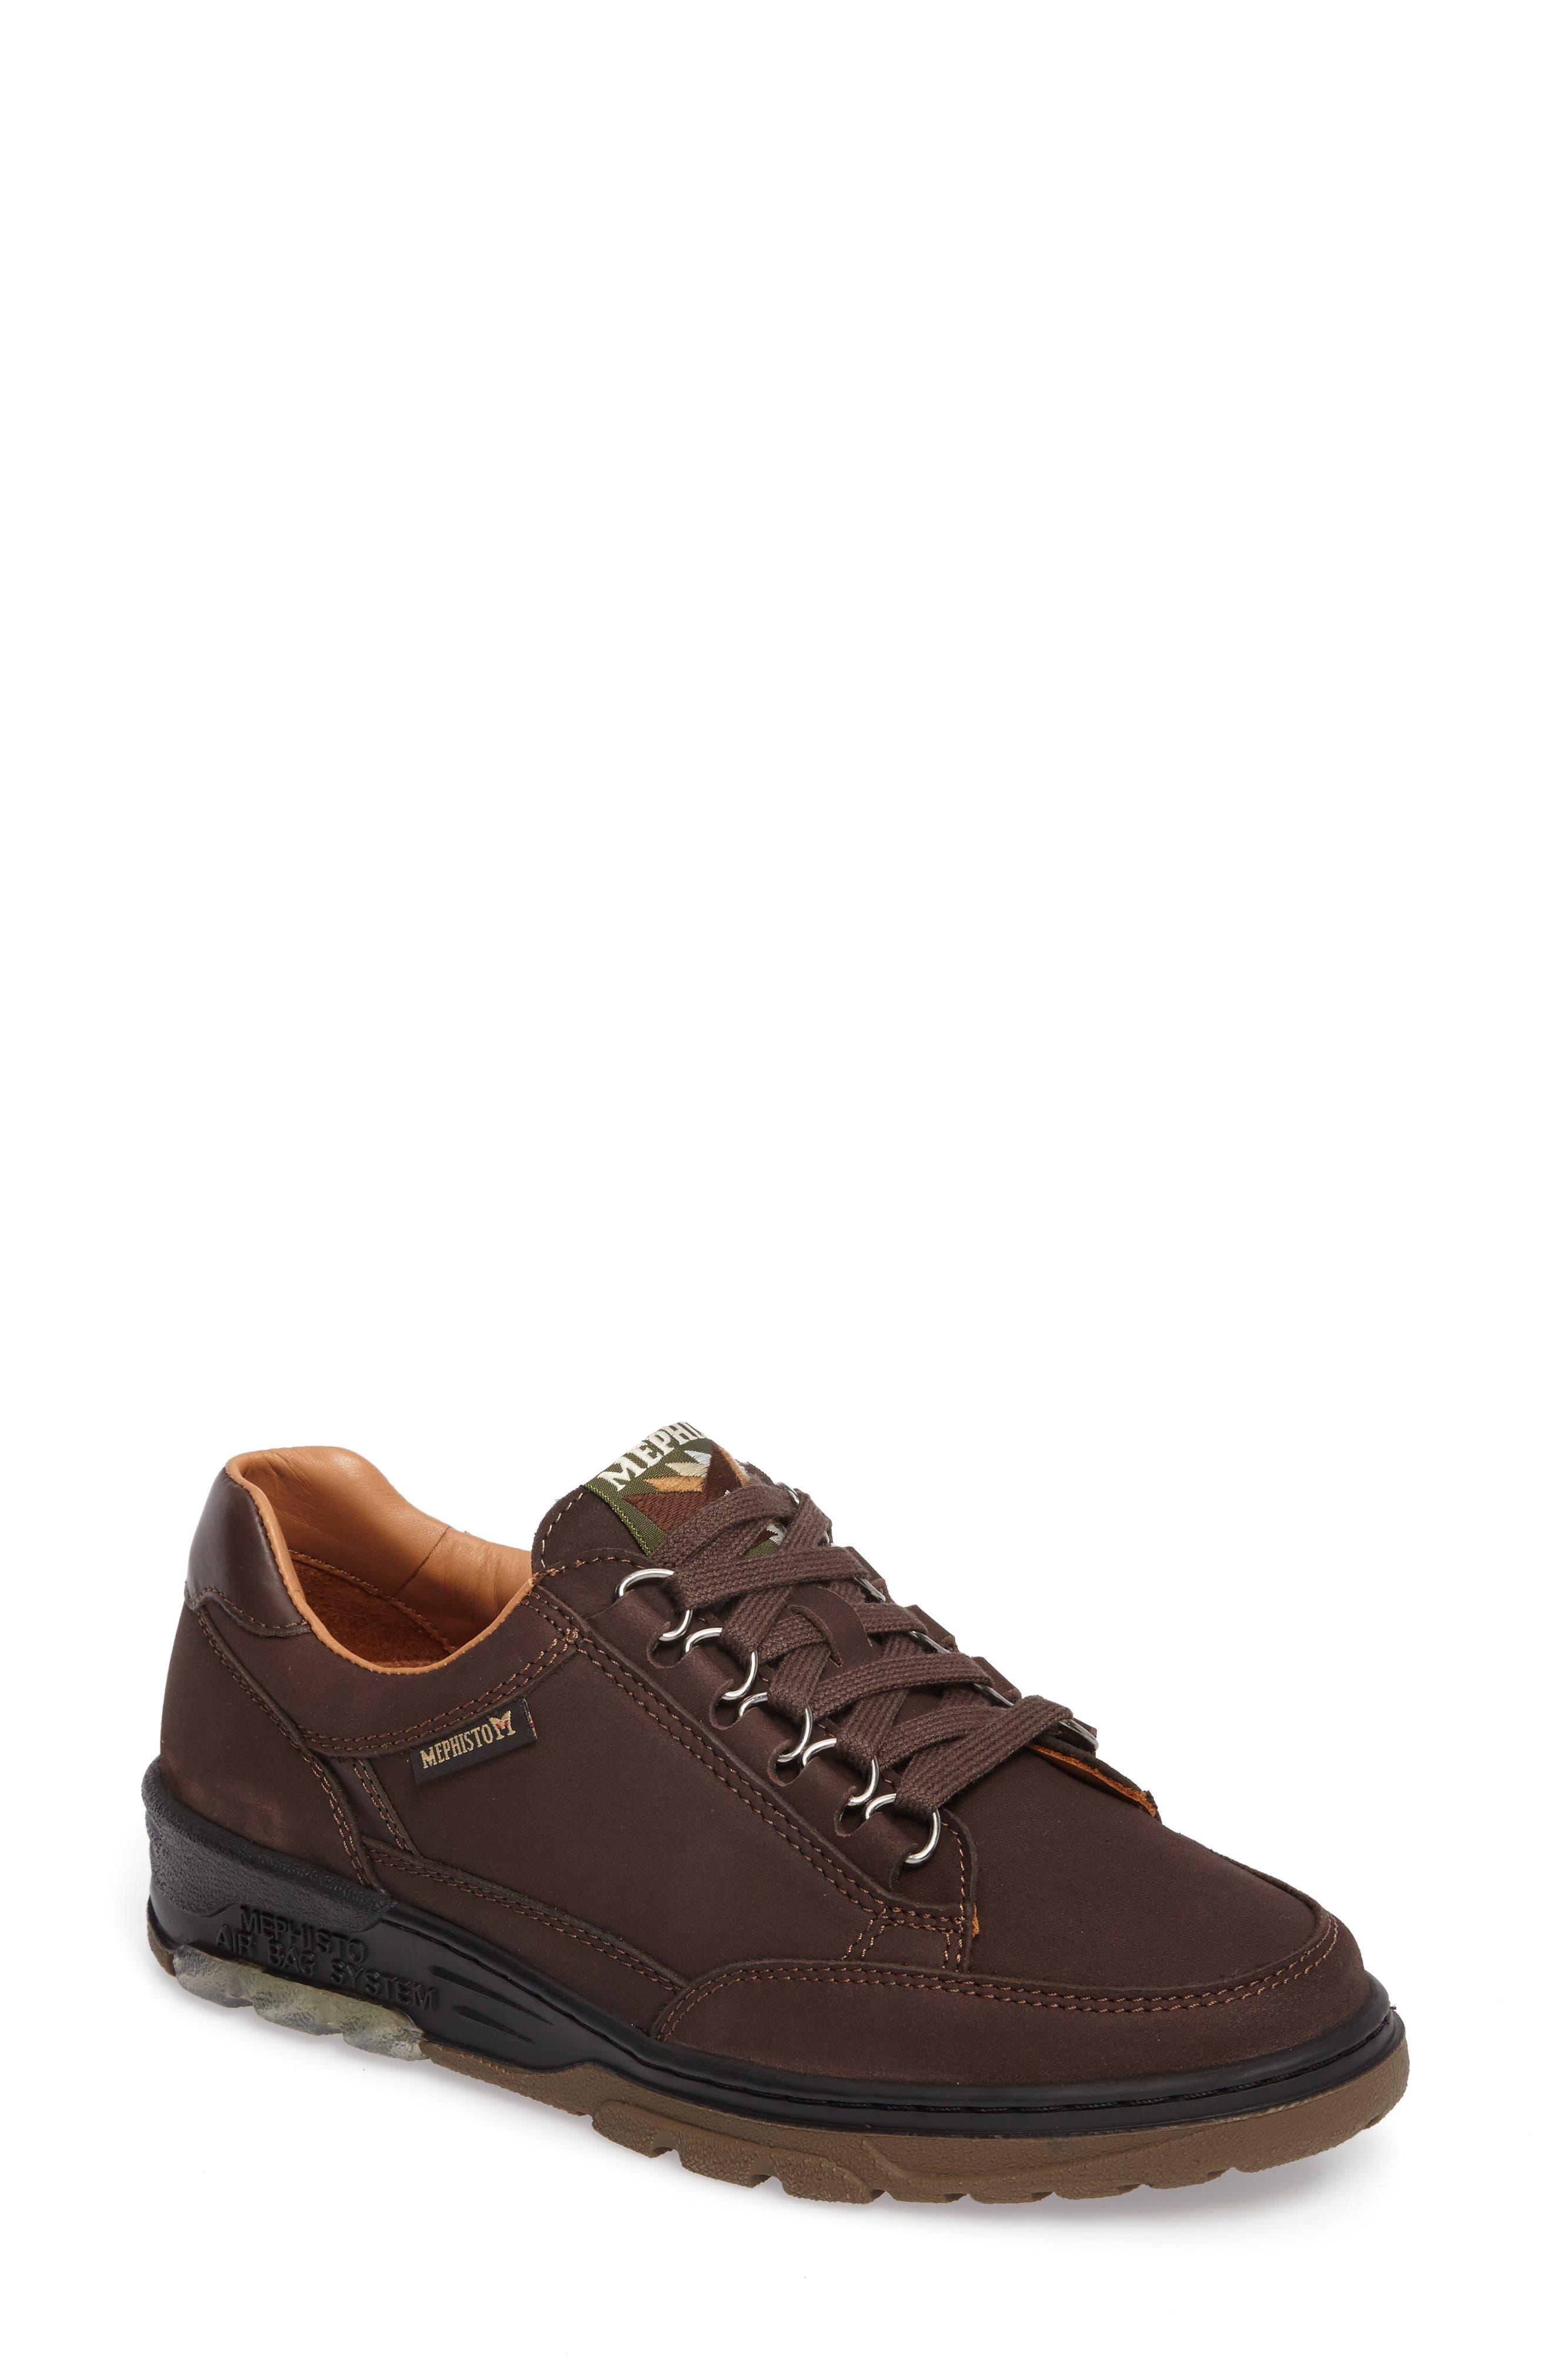 Natasha Sneaker,                             Main thumbnail 1, color,                             Dark Brown Leather